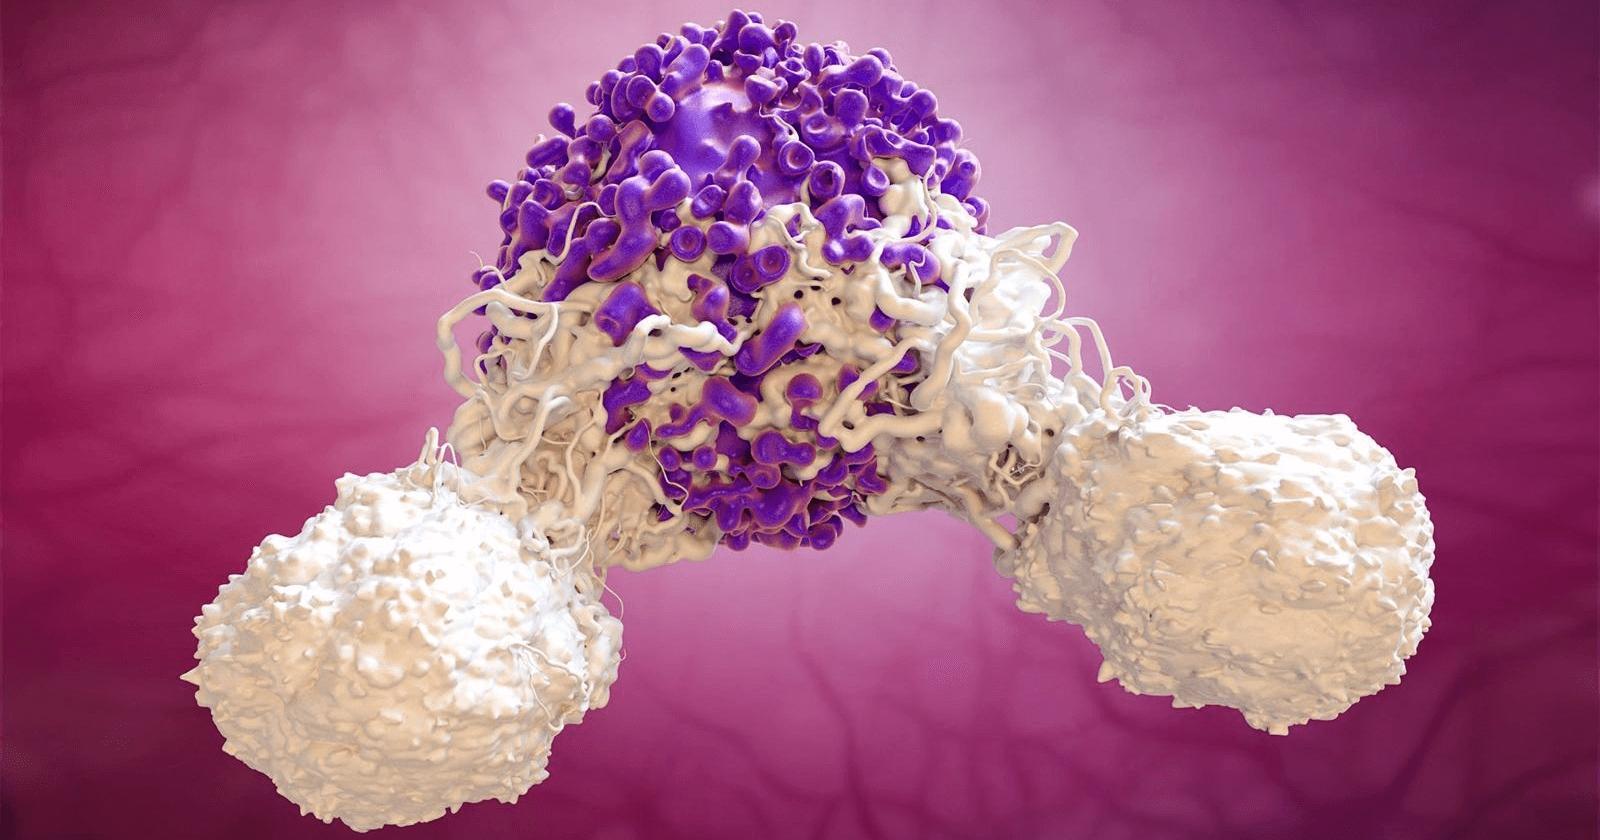 Искусственный вирус поможет вылечить рак